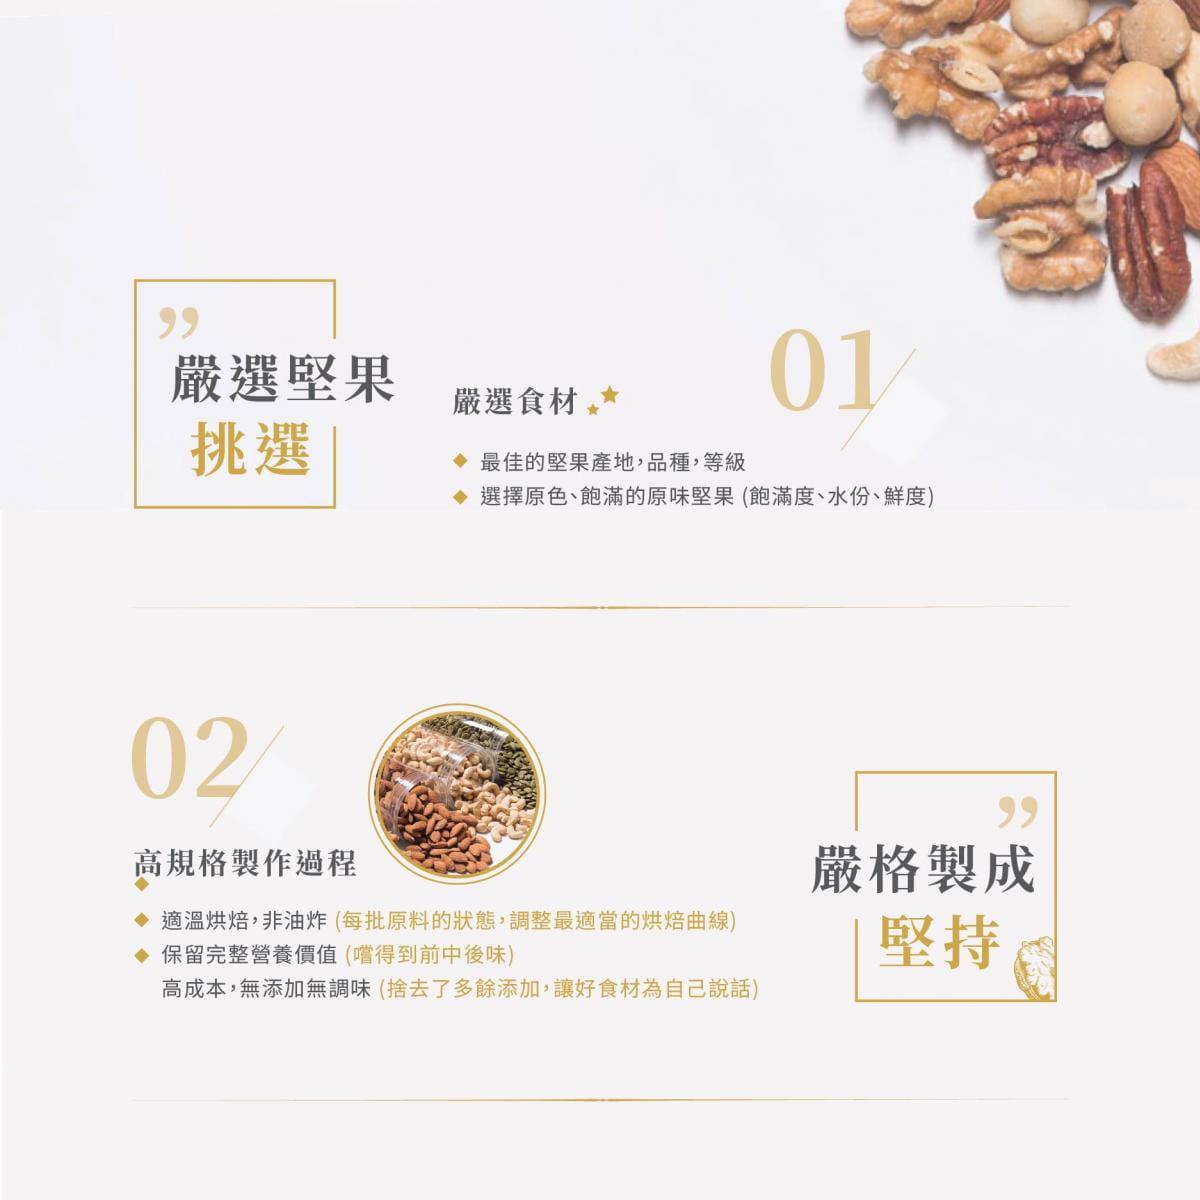 【謝謝堅果】 原味綜合五堅果/核桃/腰果/杏仁(多口味任選) 2